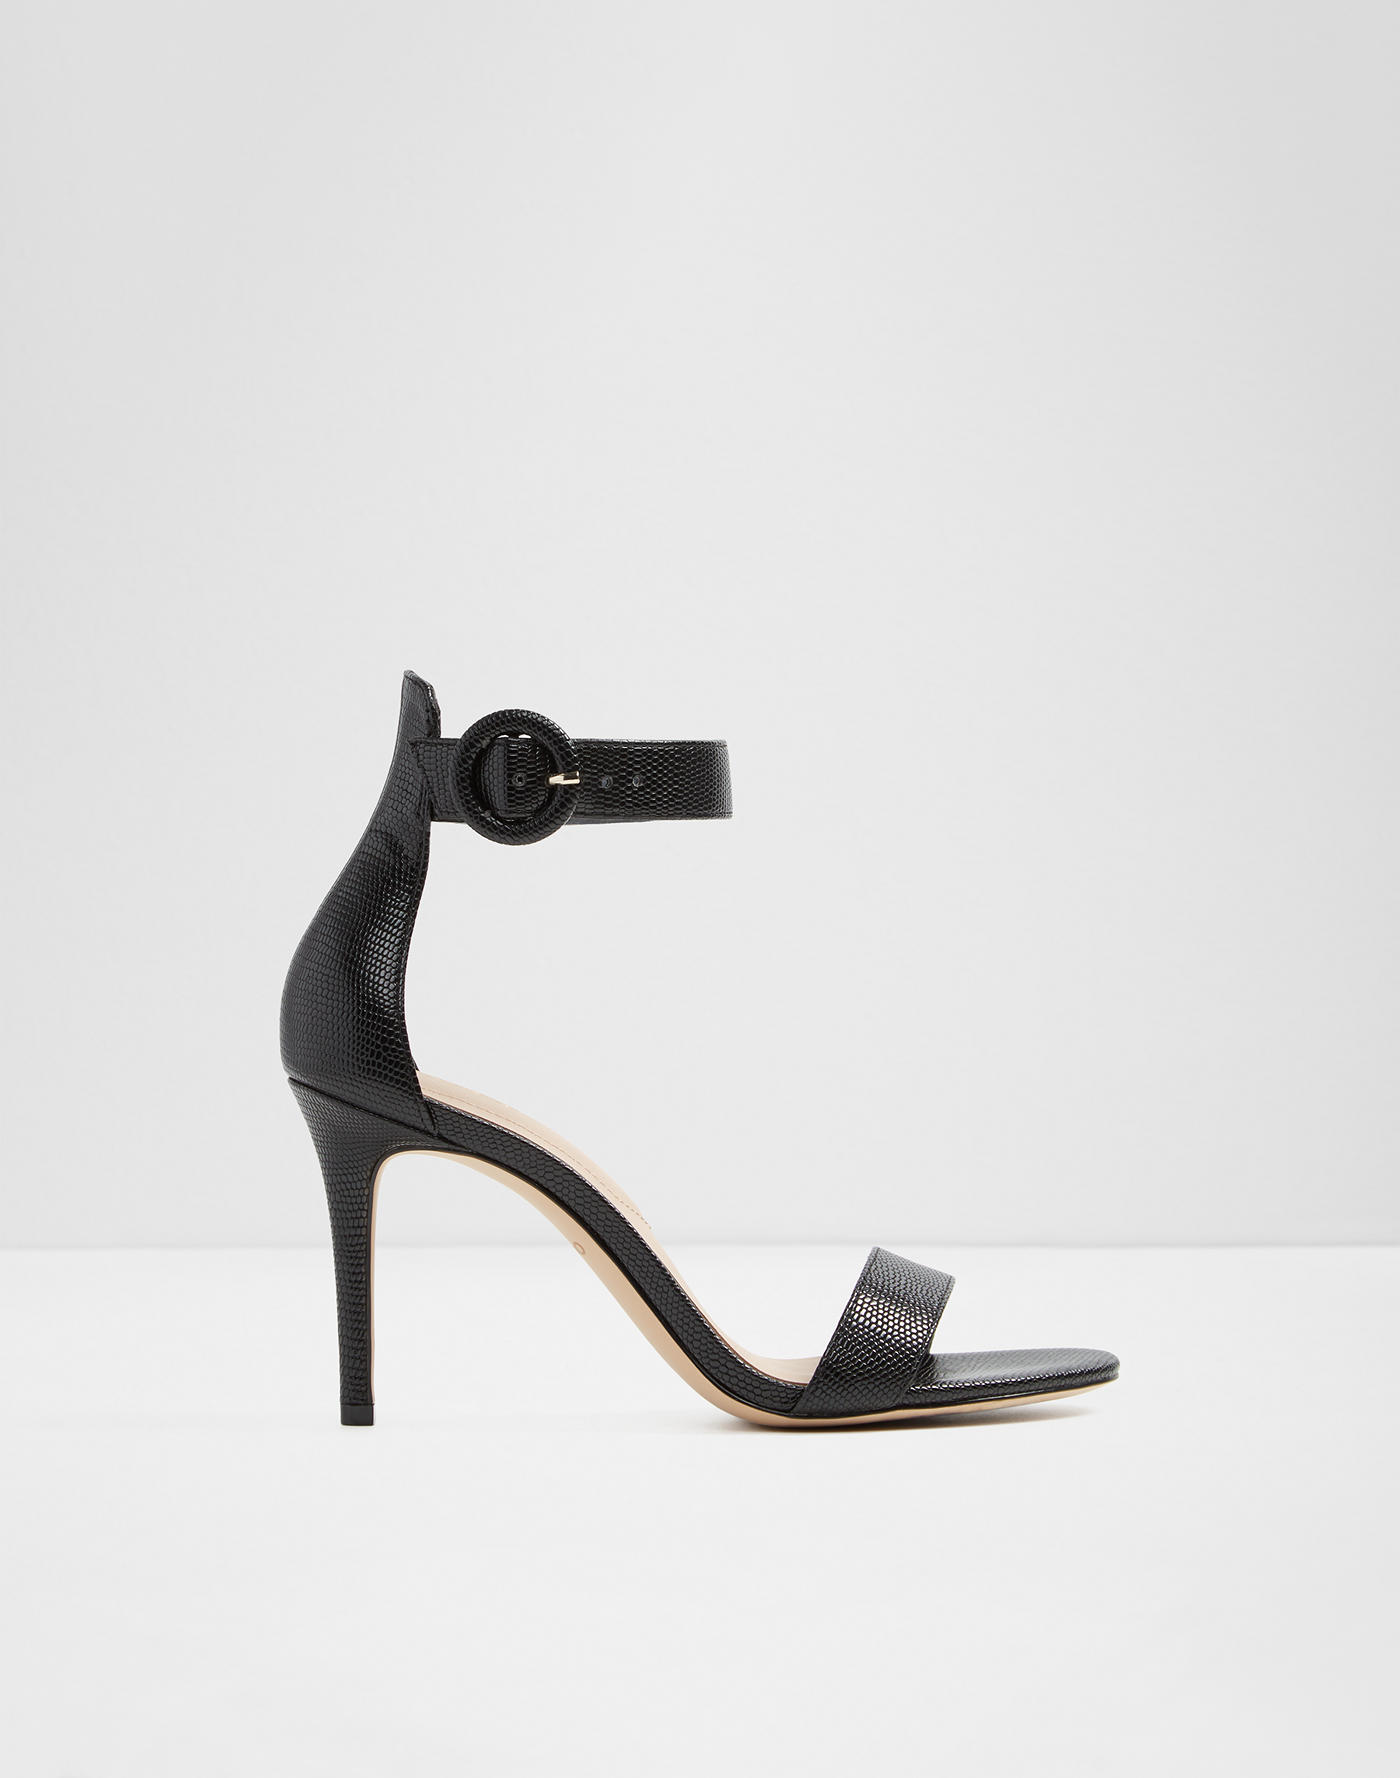 c11bdb6fc98 Sandals